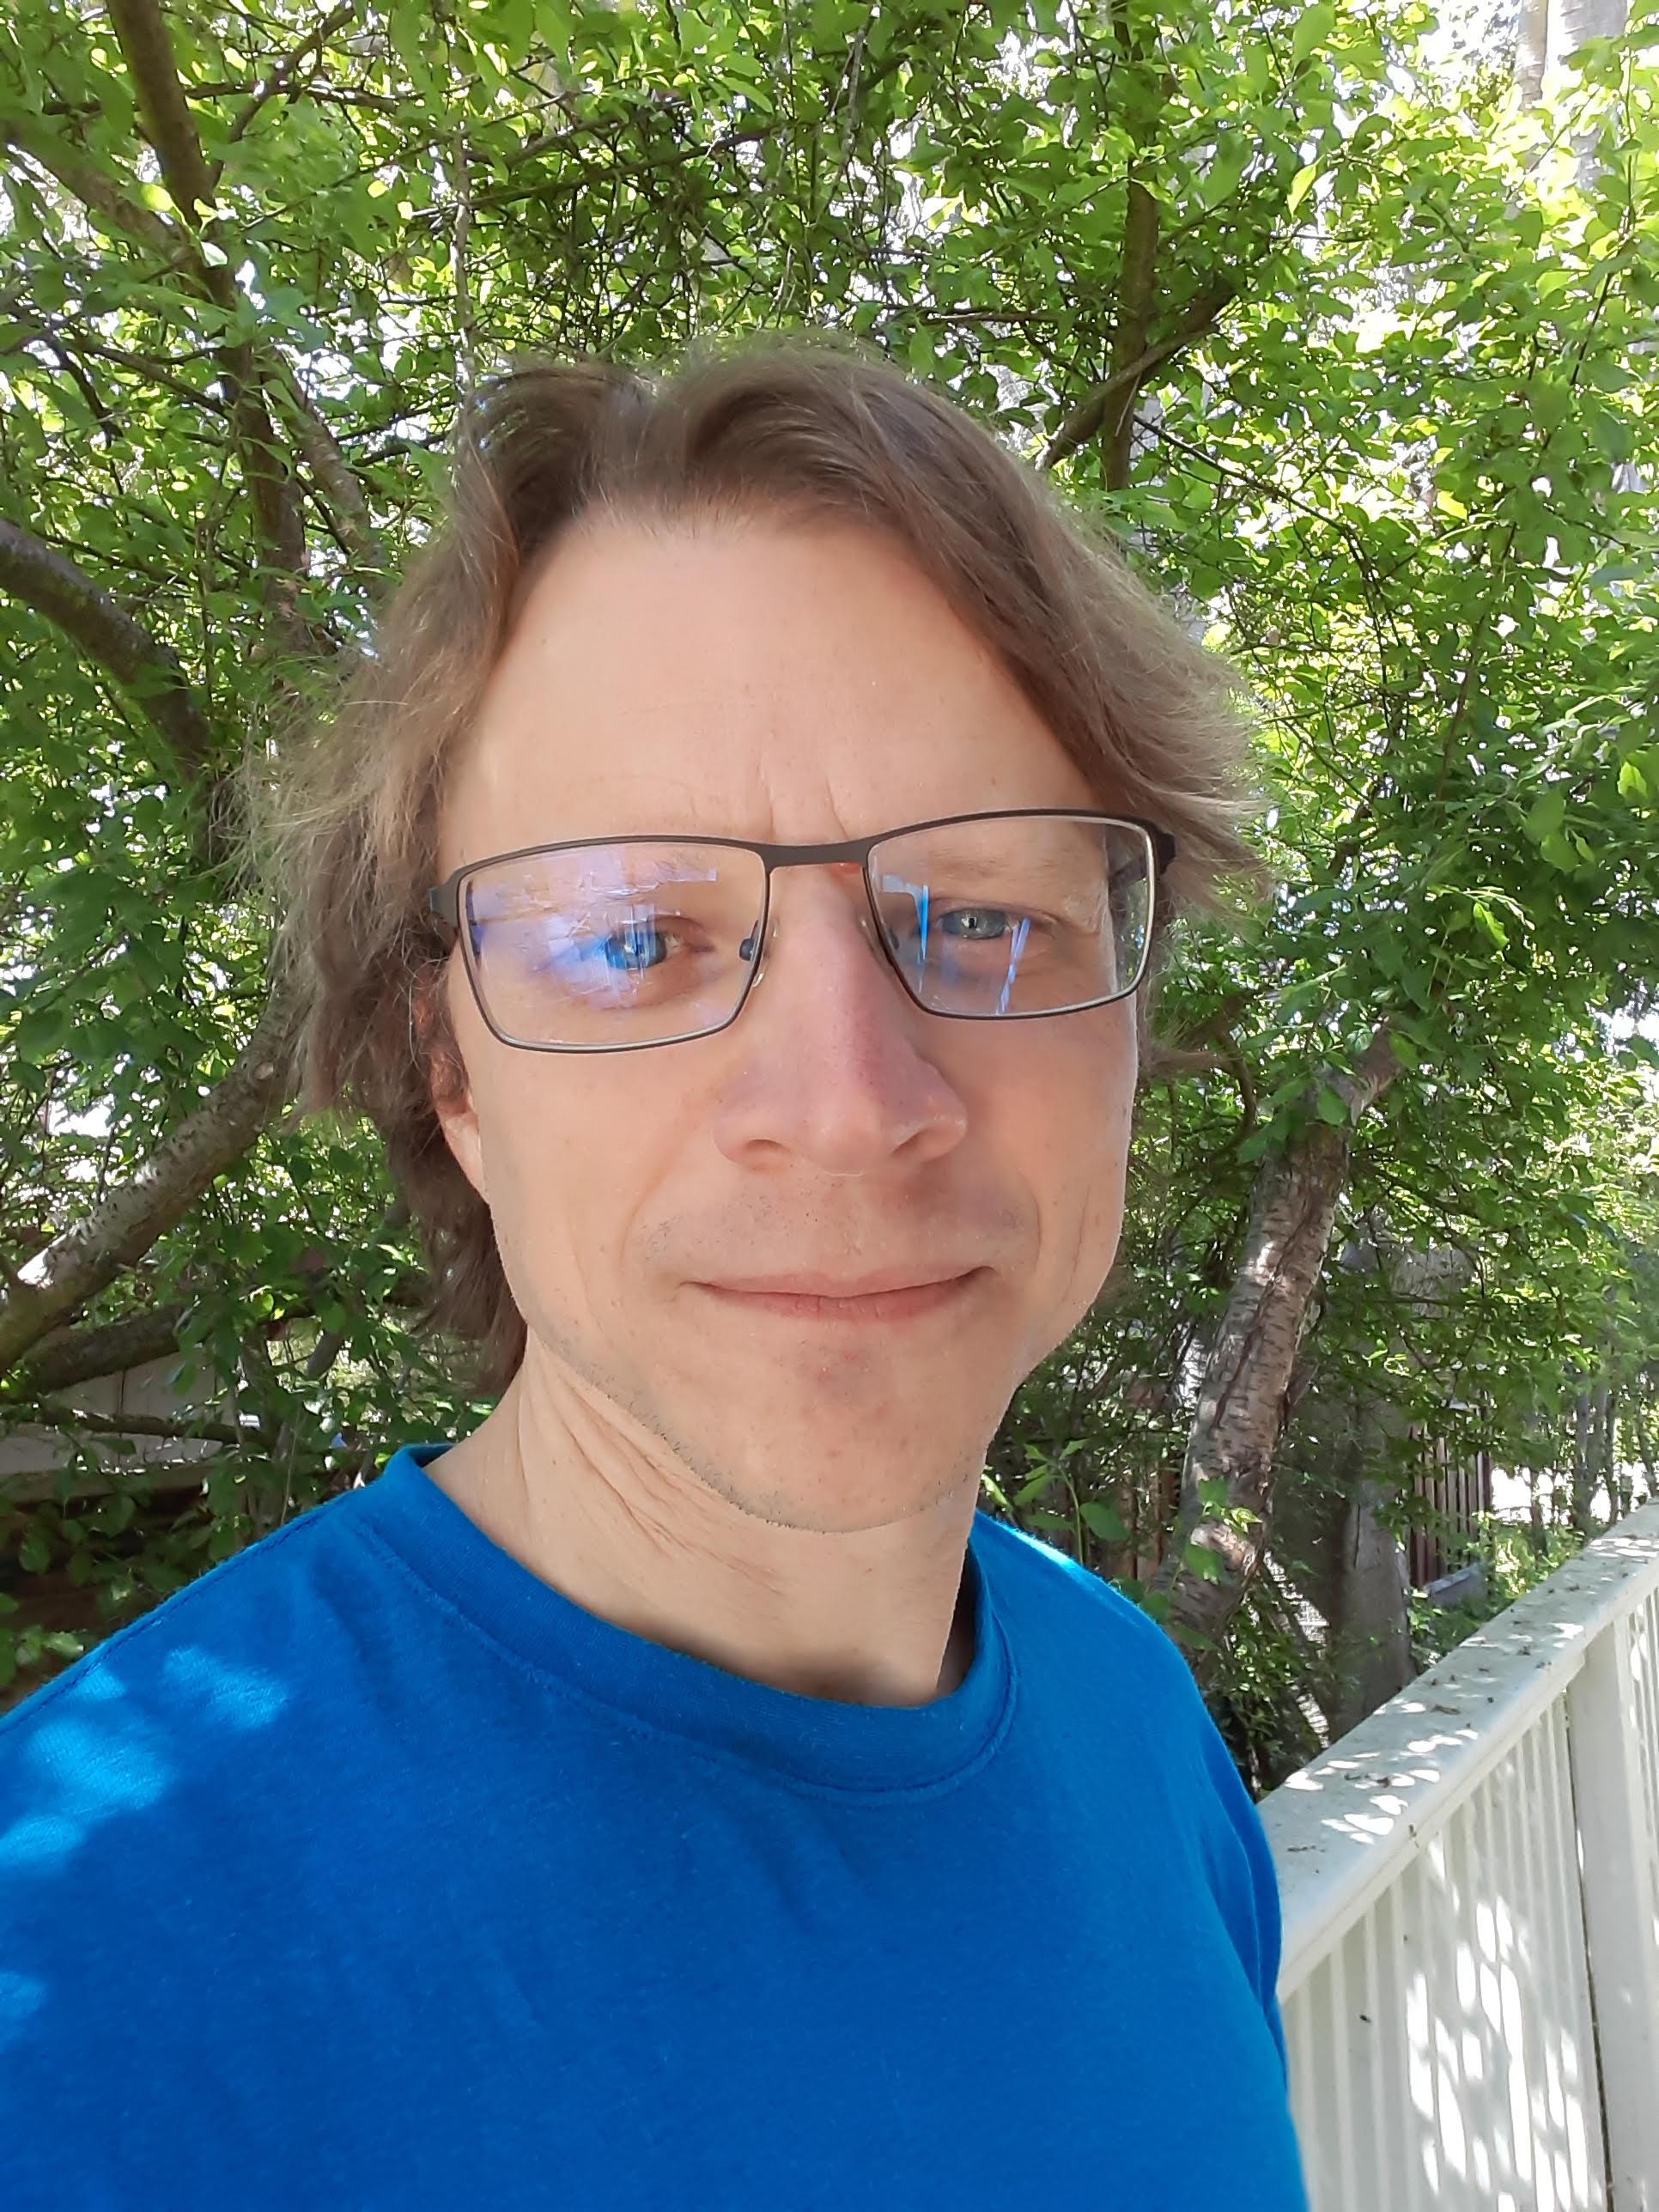 Adrian Bernard headshot.jpg